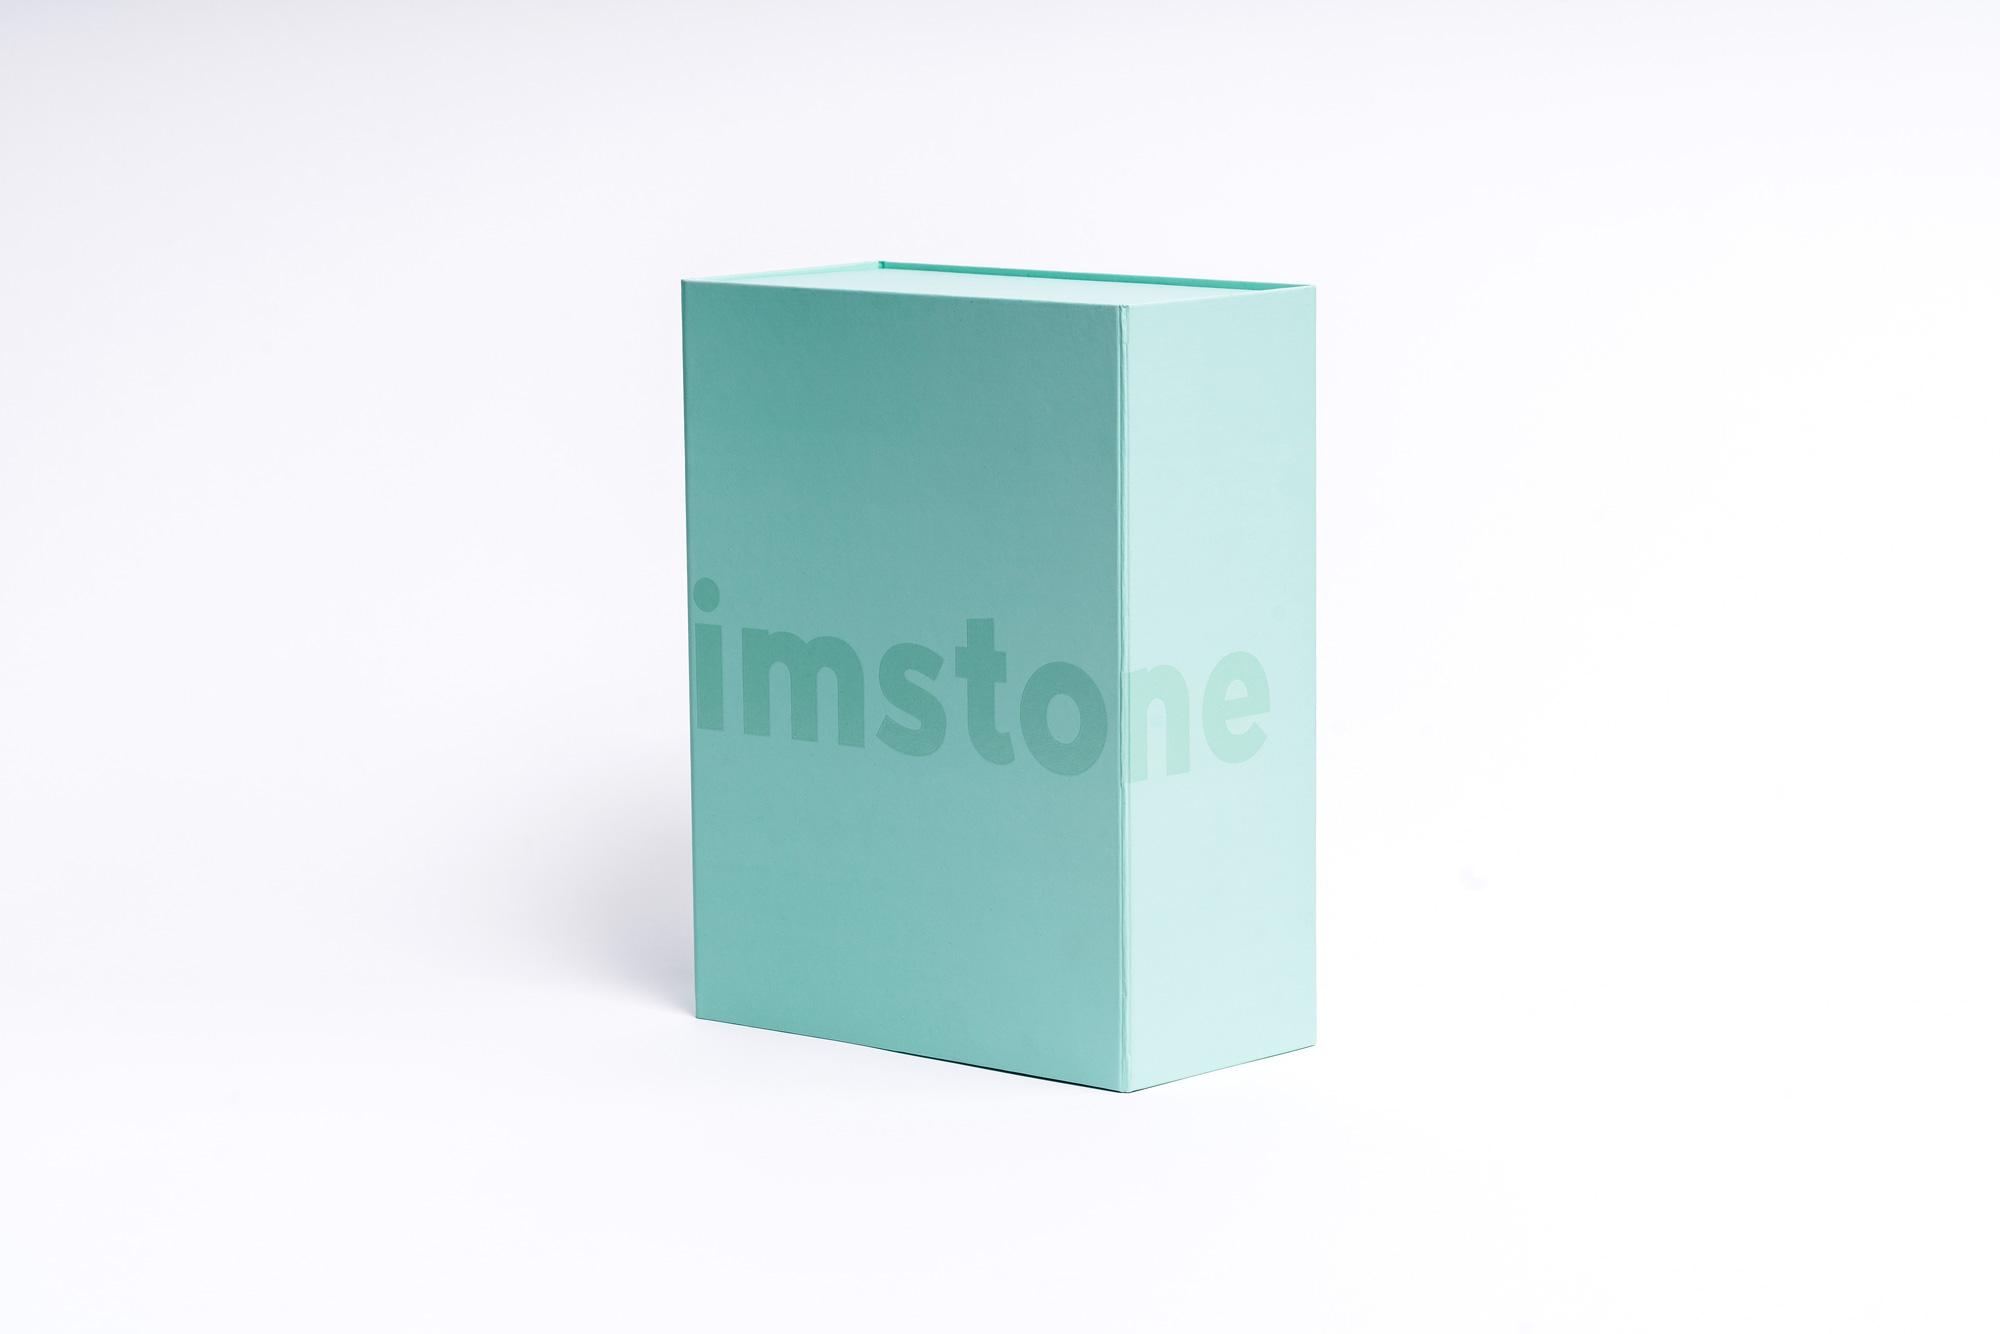 heismtone-shoe-box-2.jpg